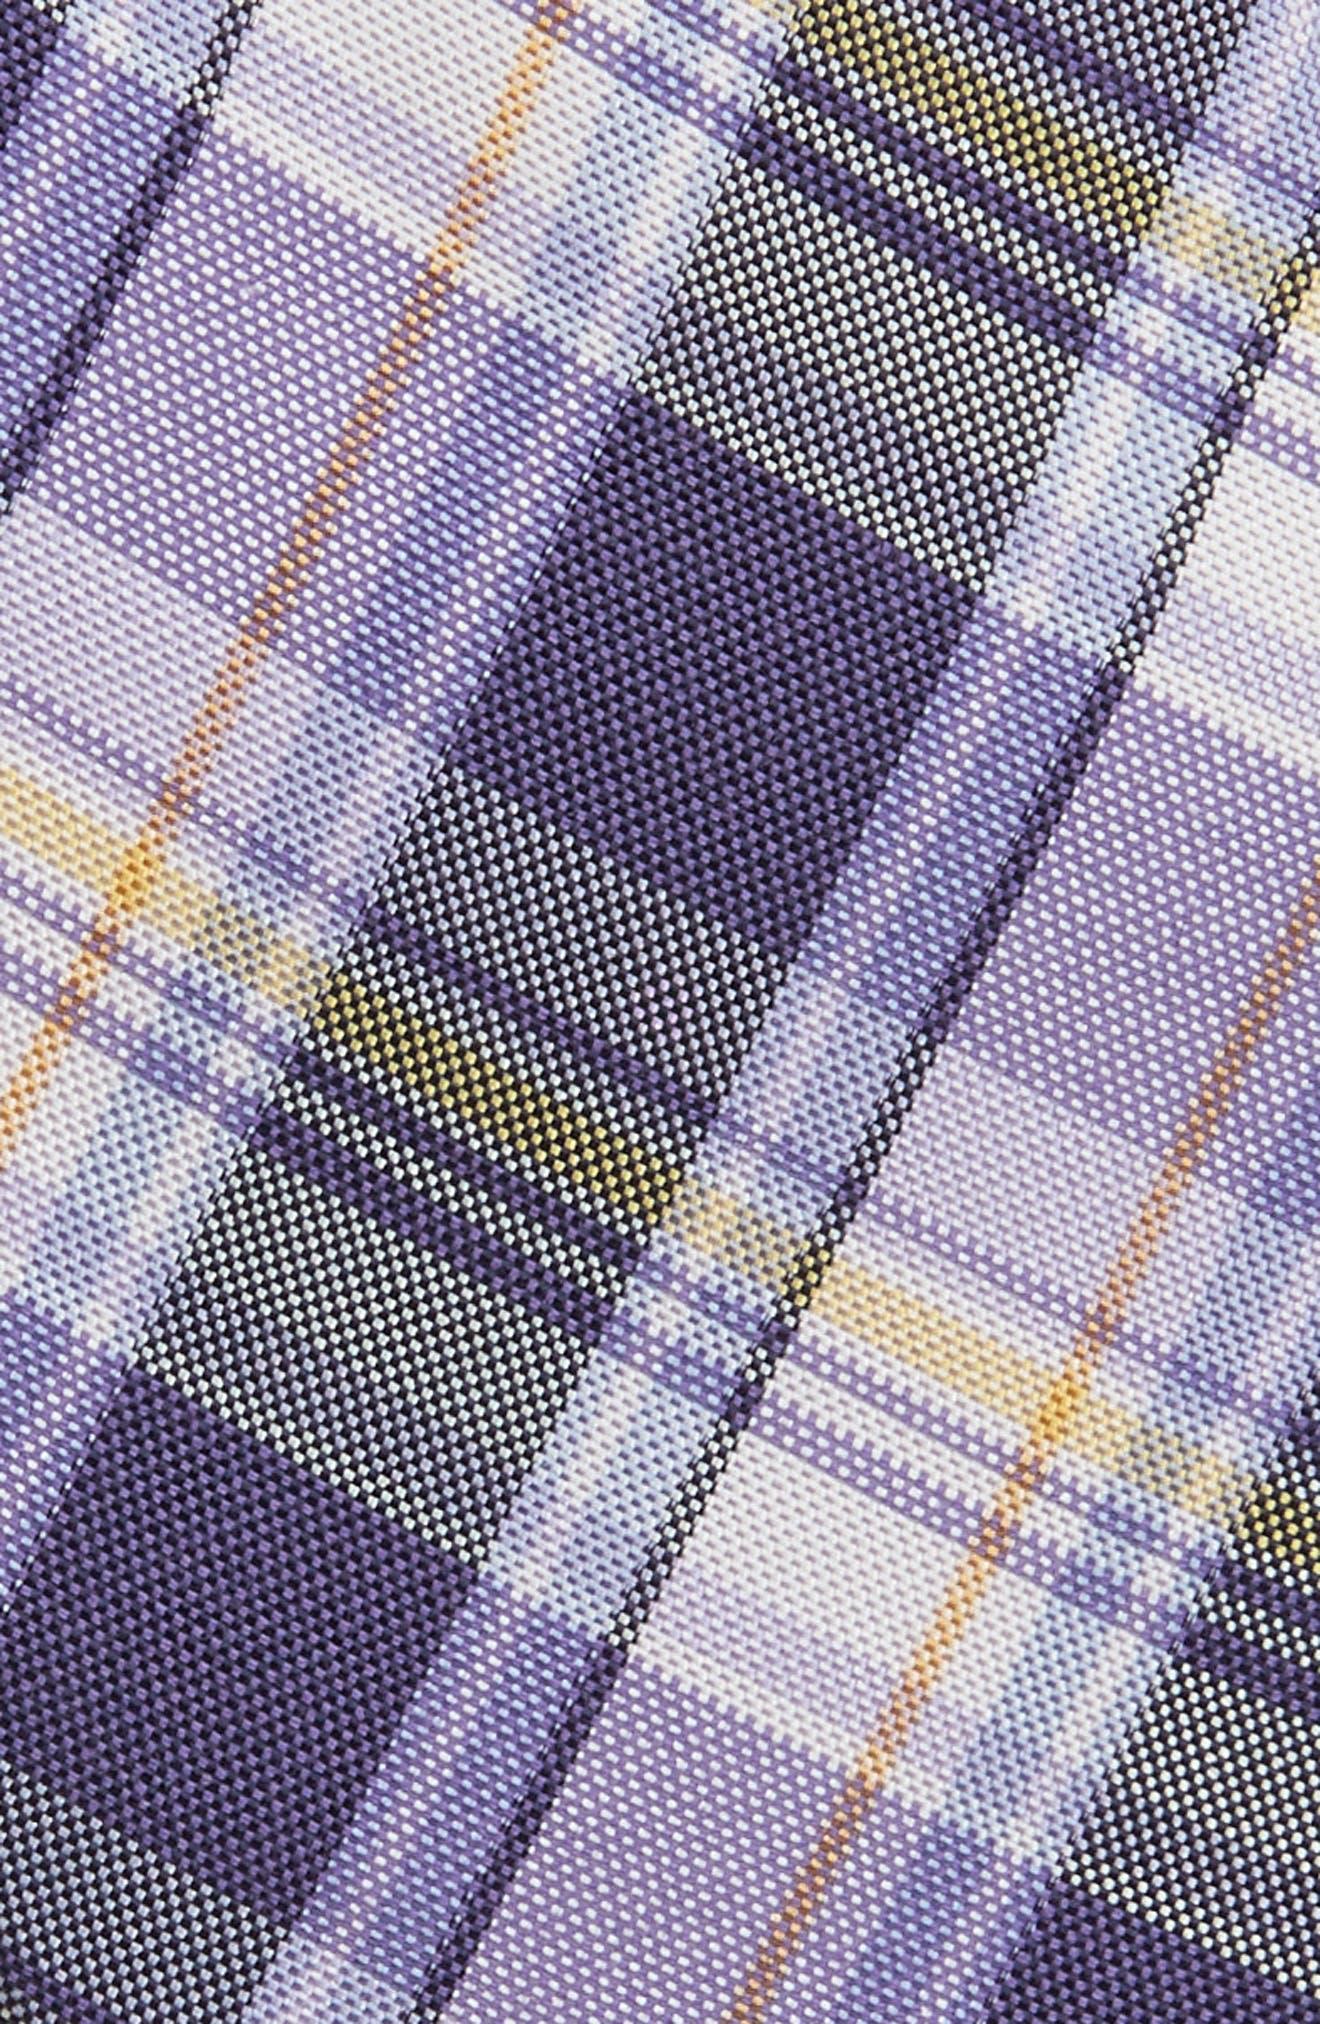 Plaid Silk & Cotton Tie,                             Alternate thumbnail 2, color,                             Lilac